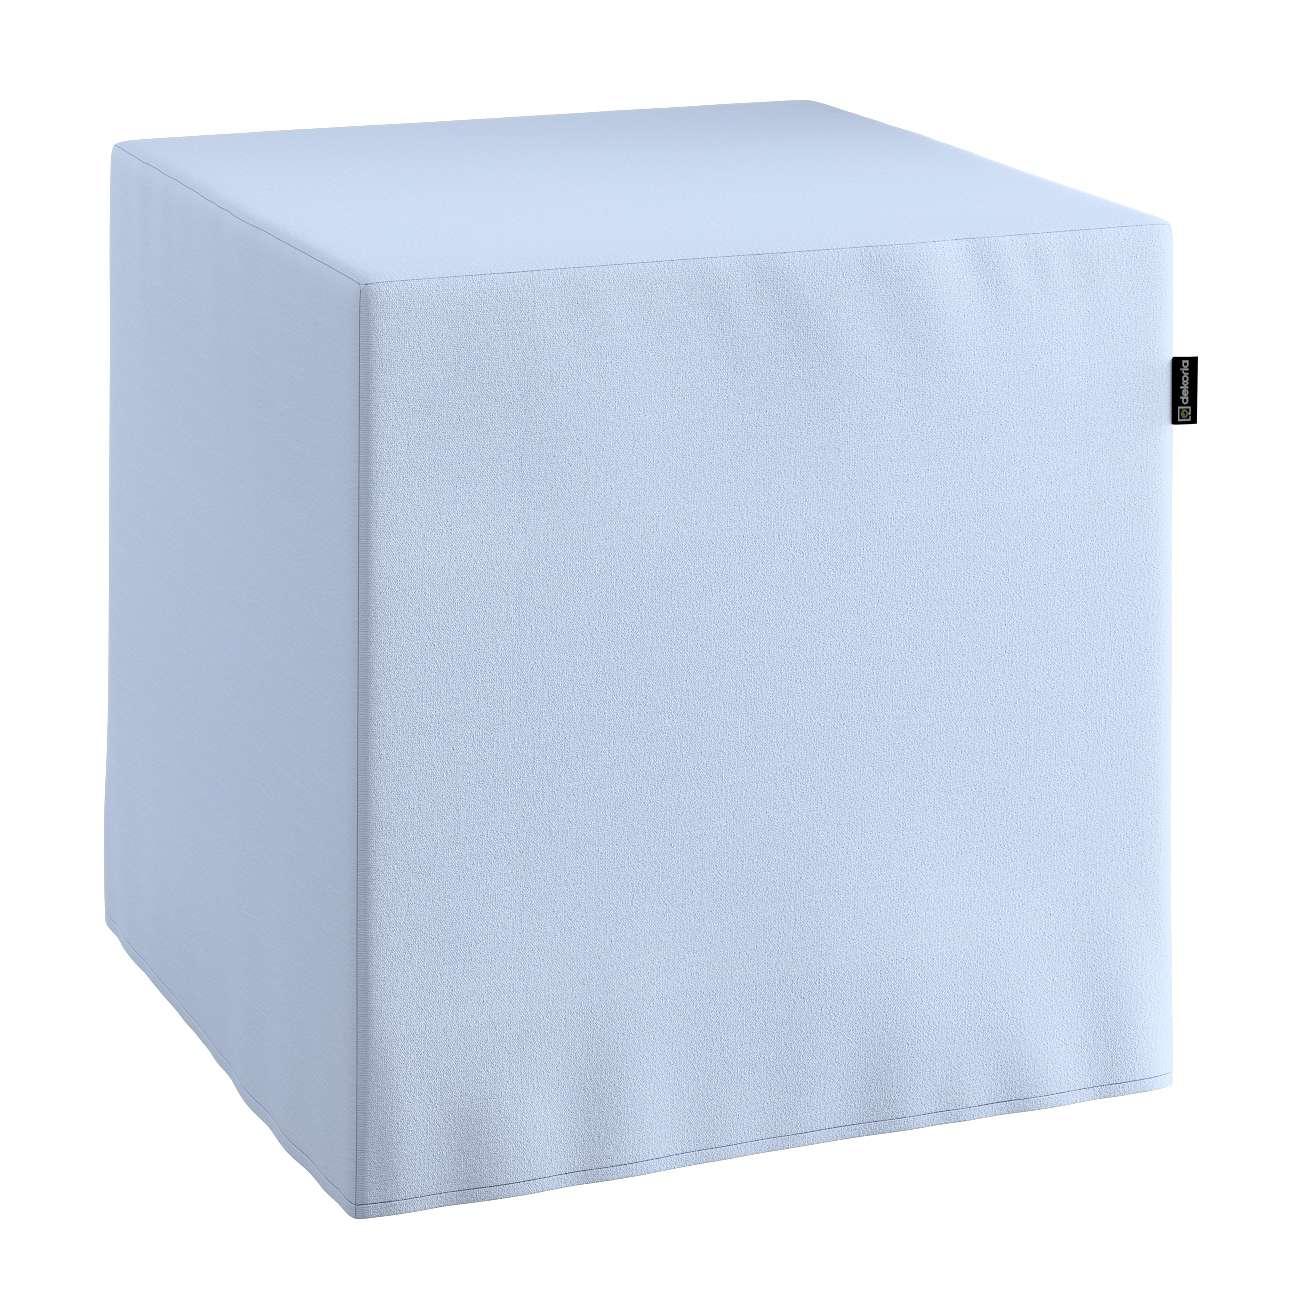 Pufa kostka twarda 40x40x40 cm w kolekcji Loneta, tkanina: 133-35